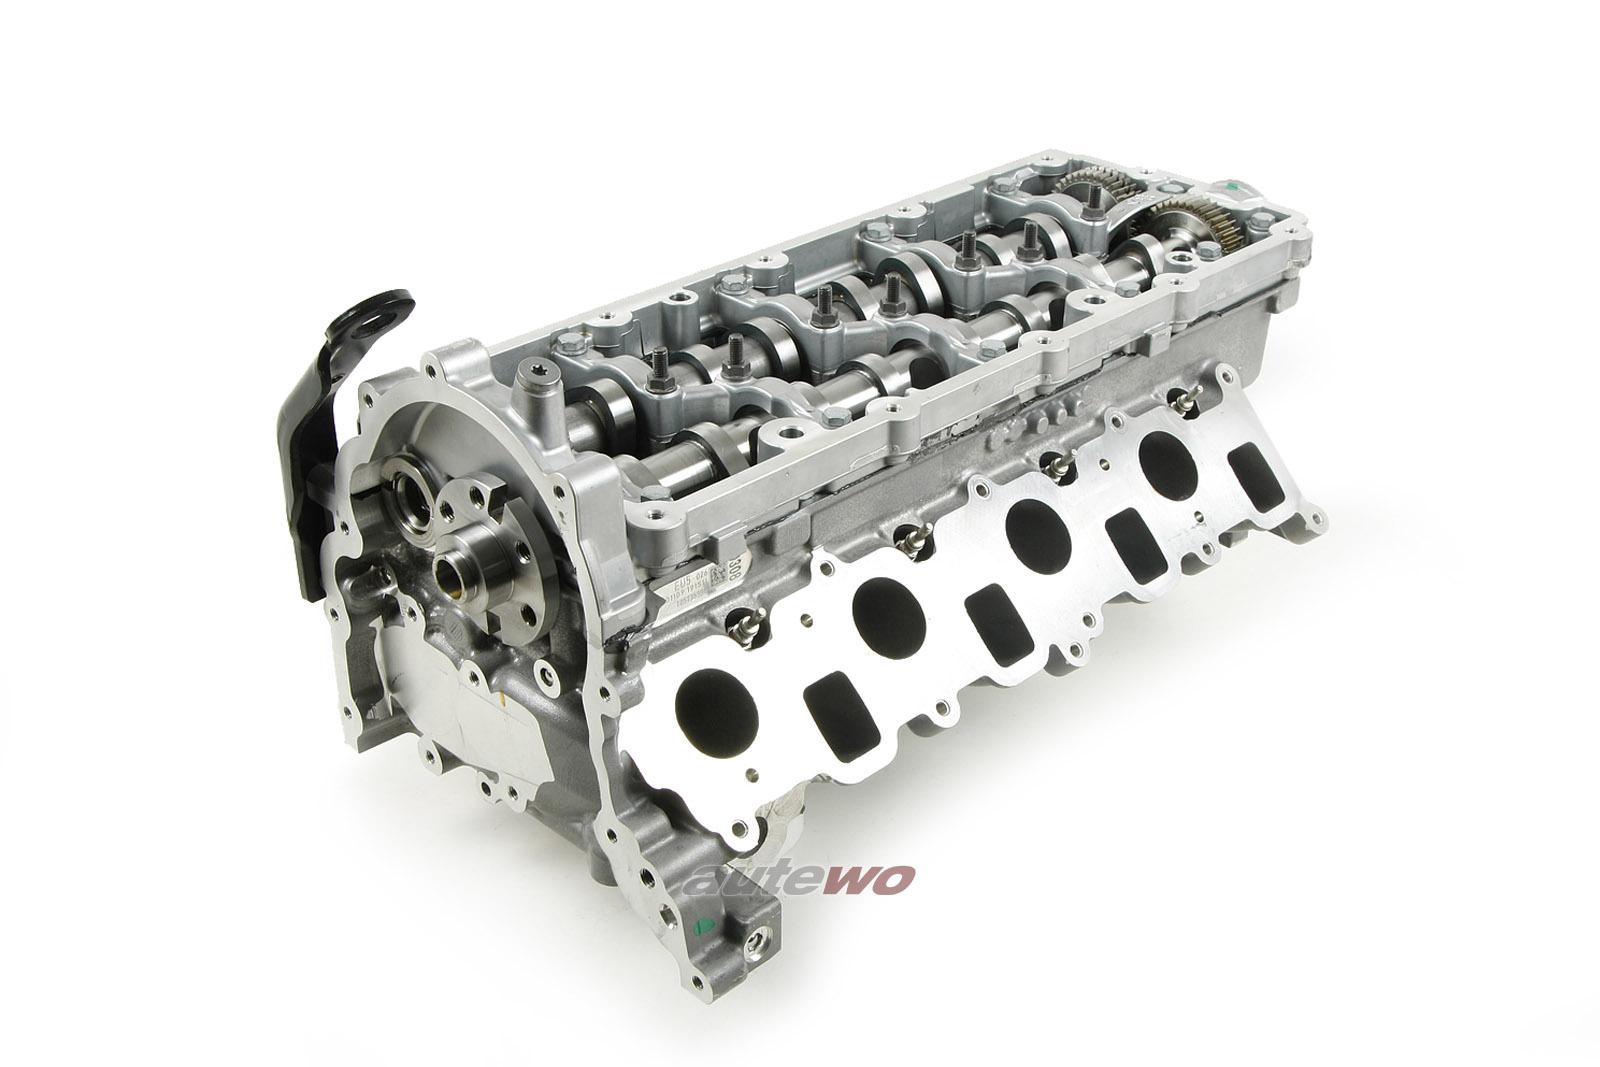 057103063BN NEU Audi/VW A8 D4/Touareg 8 Zylinder CKDA/CDSB Zylinderkopf Links